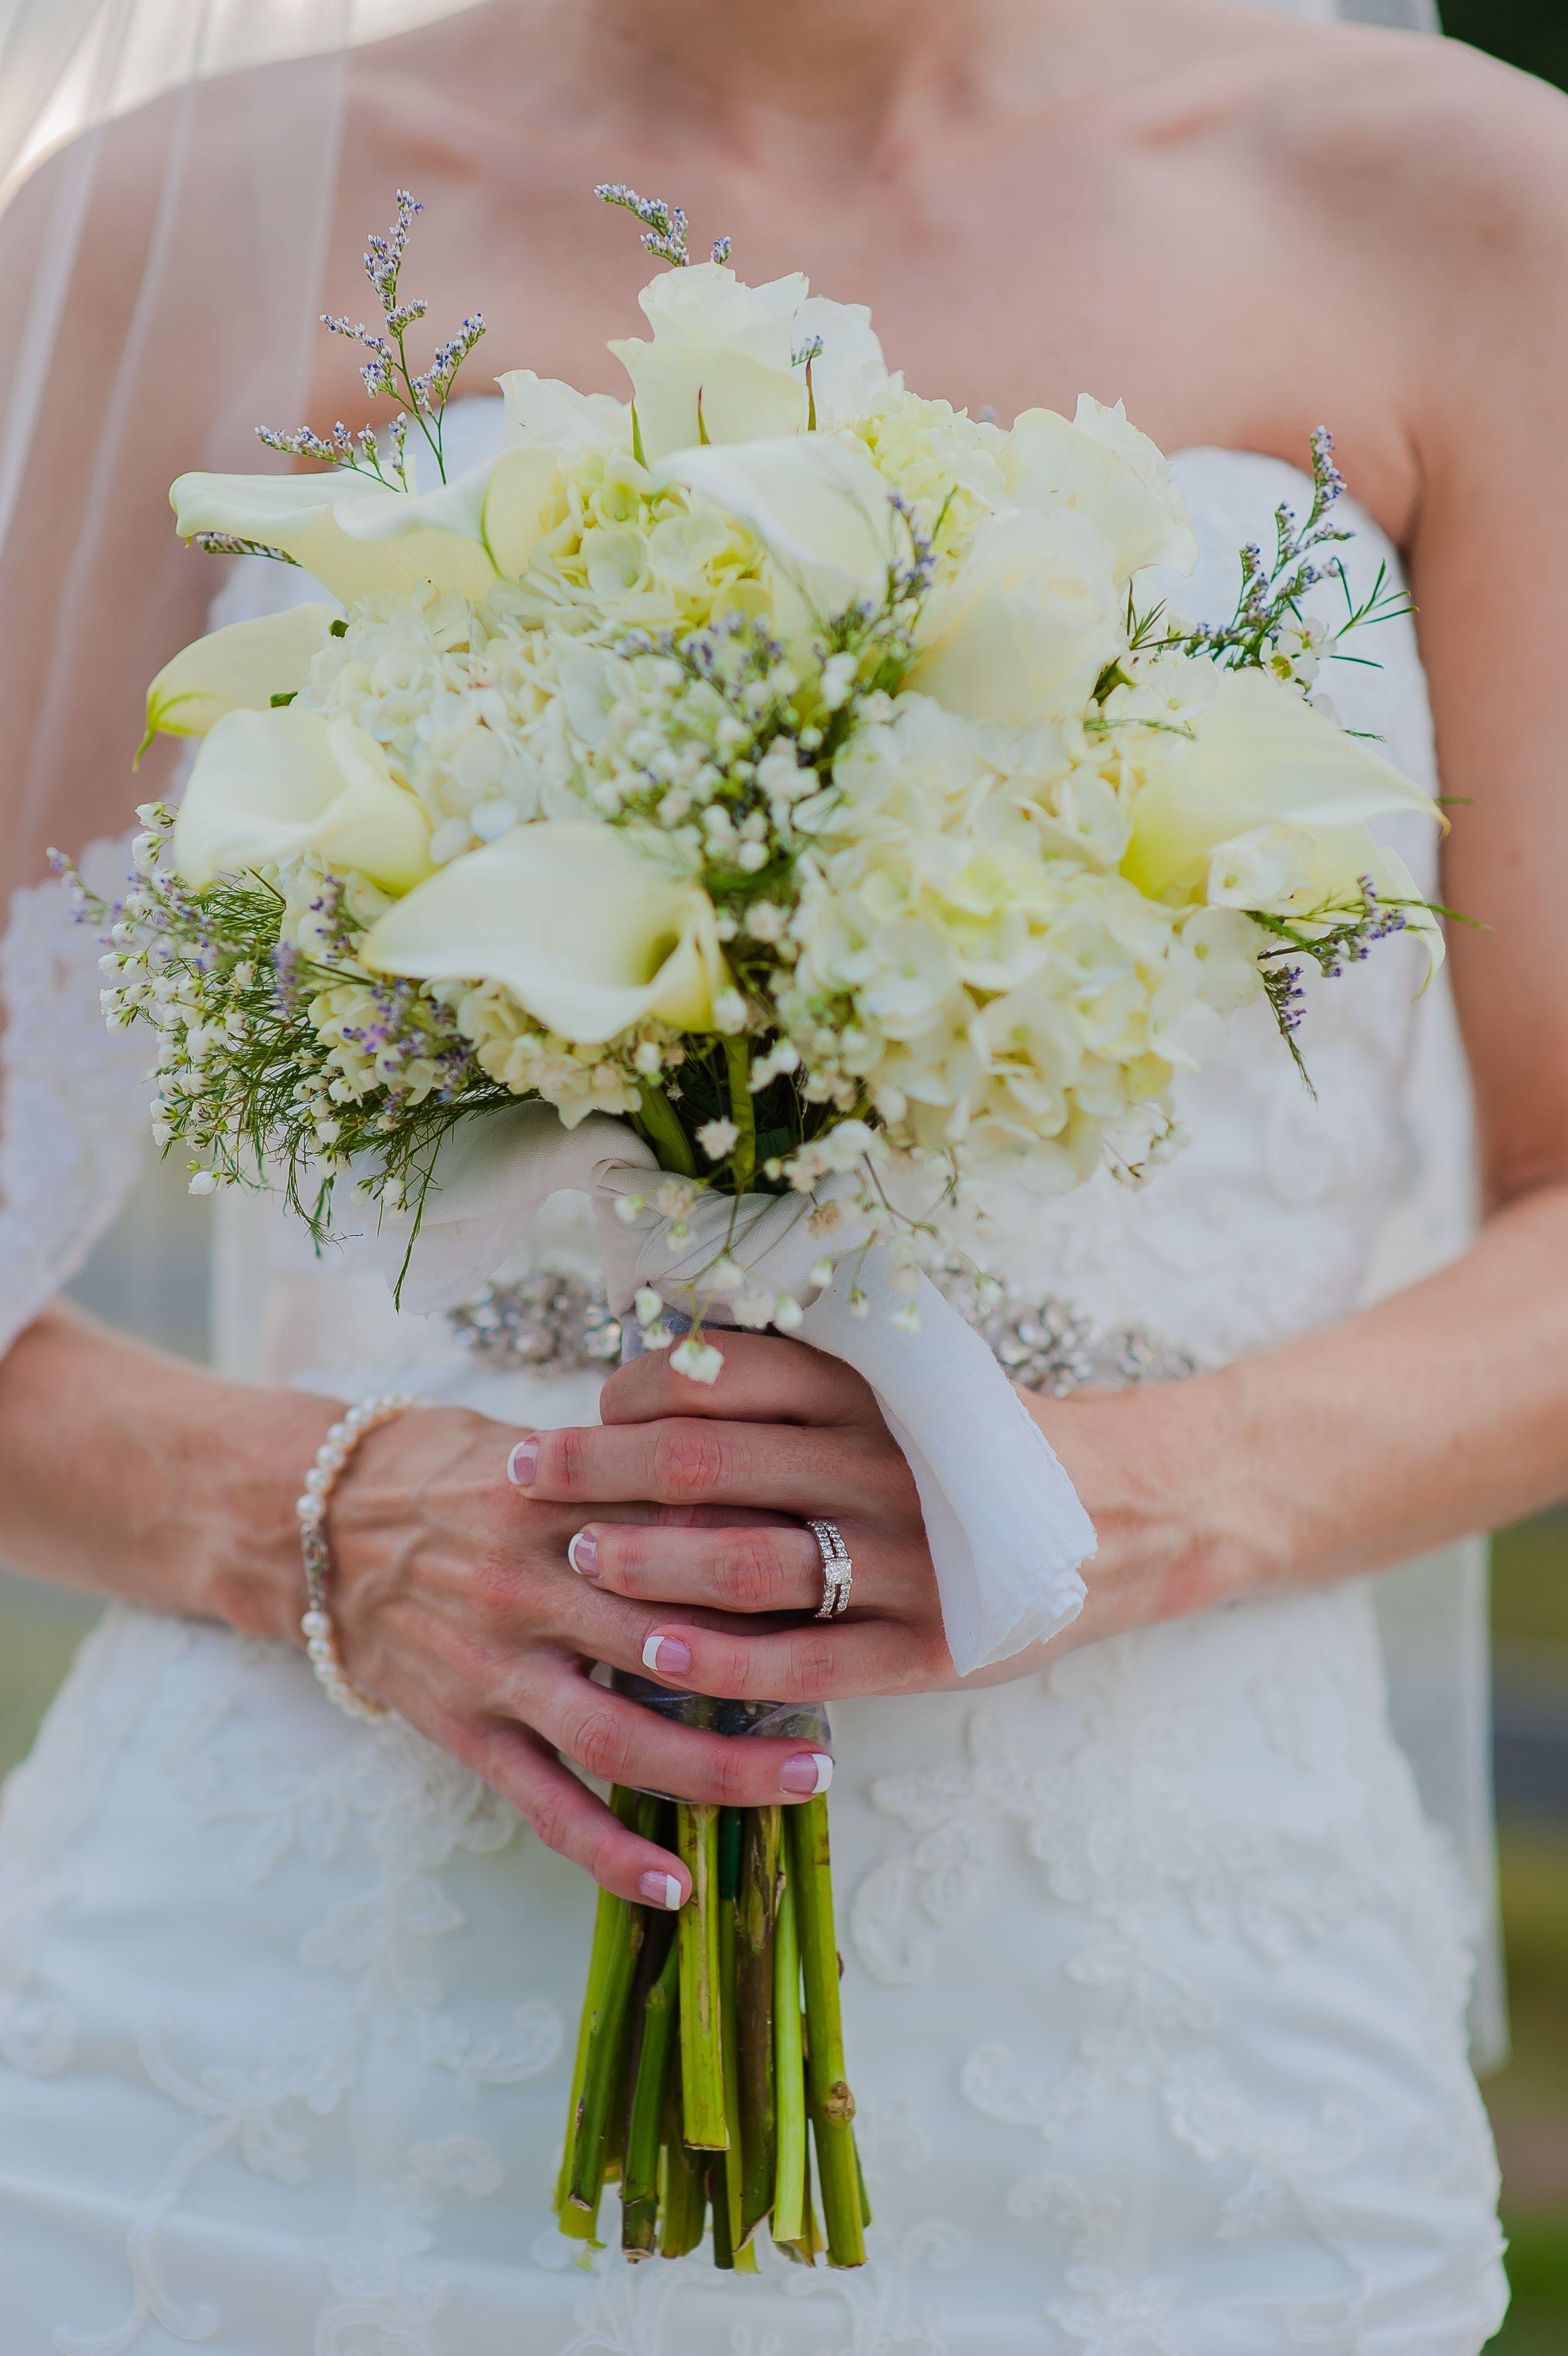 All White Calla Lily Hydrangea And Baby S Breath Bouquet Calla Lily Bridal Hydrangeas Wedding White Bridal Bouquet Hydrangea